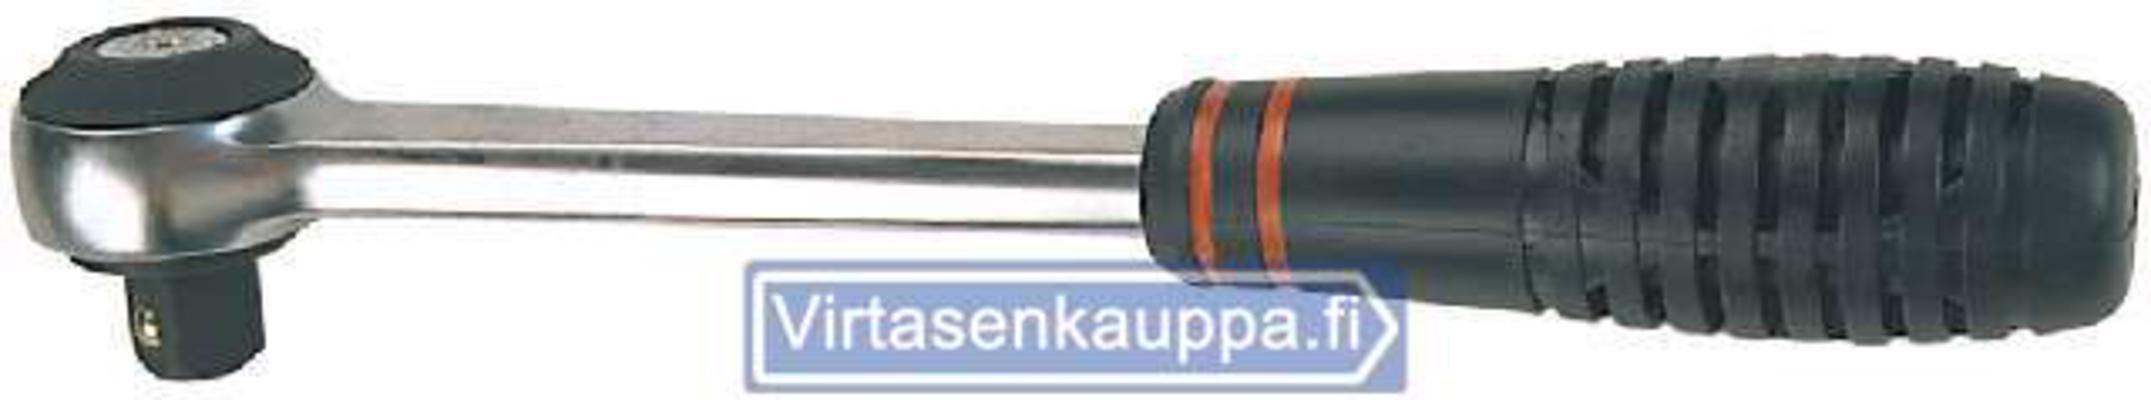 RÄIKKÄVÄÄNNIN 1/2 72Z S